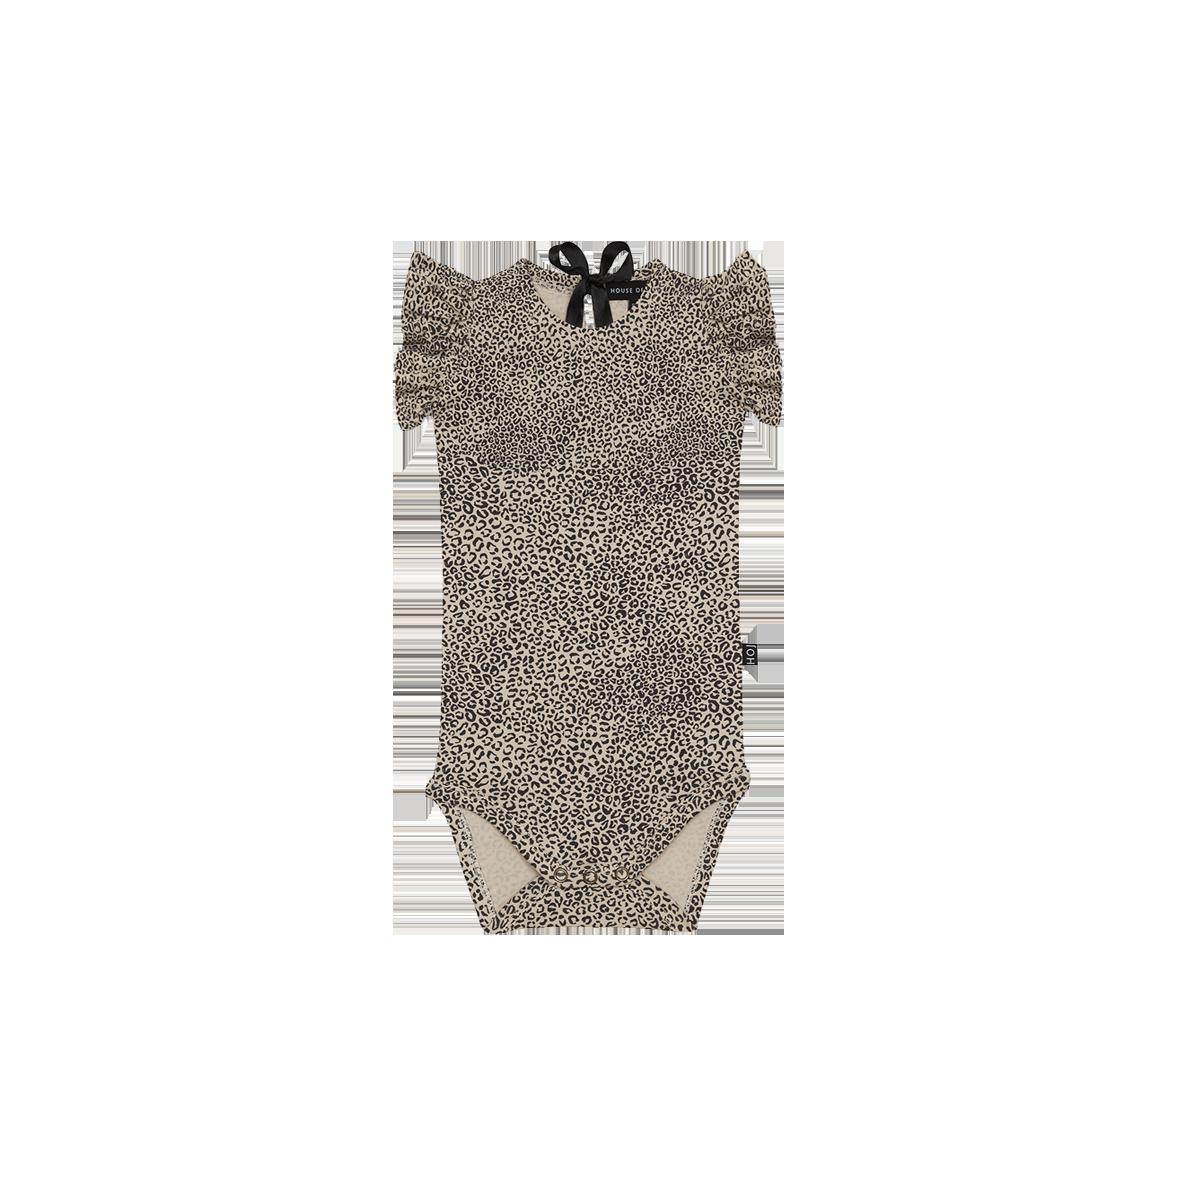 Ruffled Bodysuit Charcoal Little Leopard